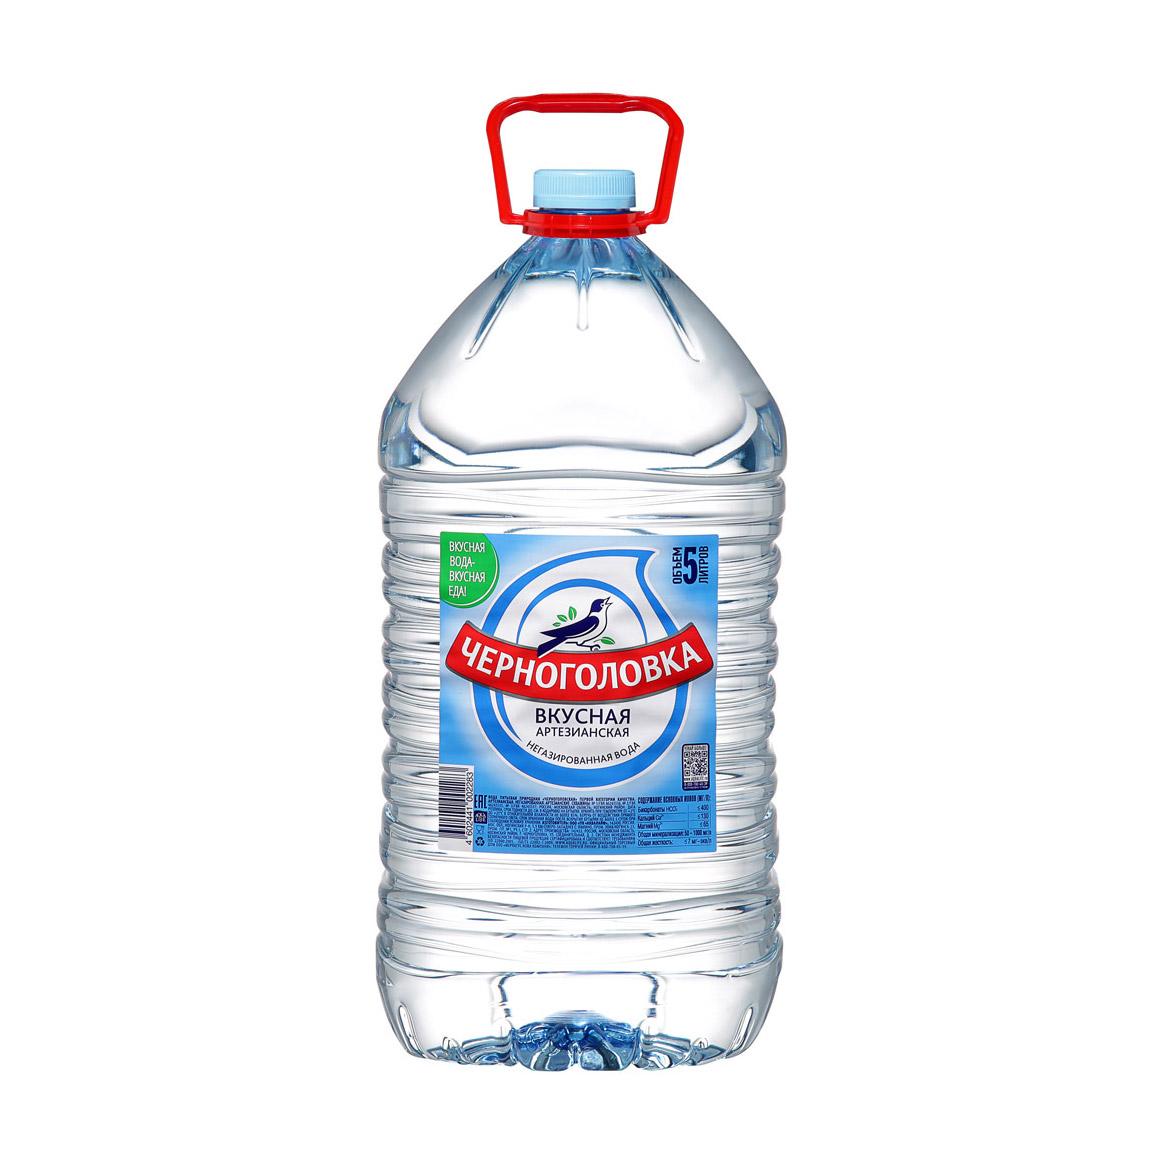 Вода Черноголовка Вкусная питьевая негазированная 5 л вода питьевая малышка 1 5 л